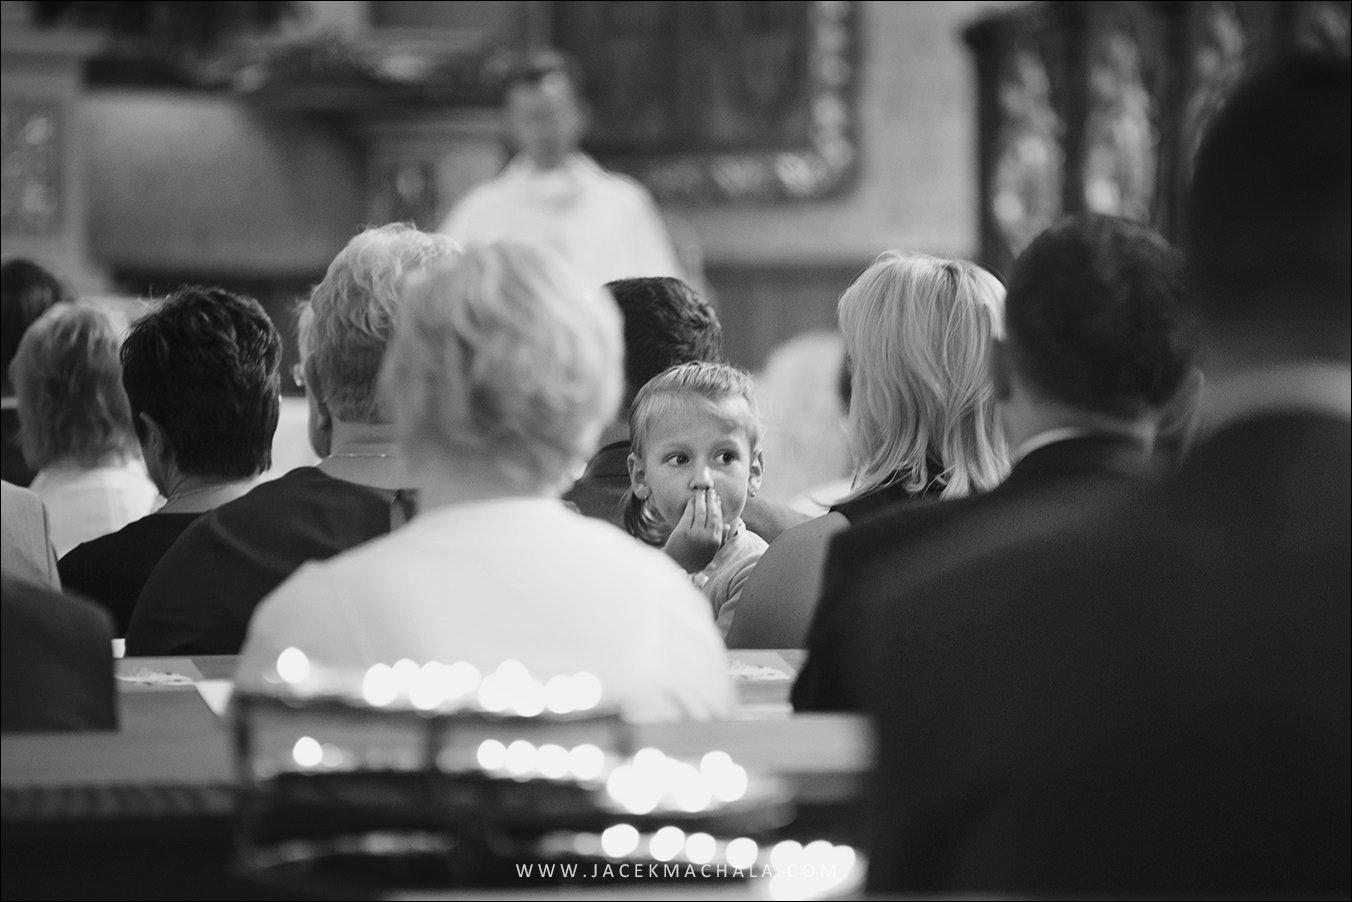 slask fotograf bielsko biala diana i dawid 20 - Hotel Ostaniec - DIANA & DAWID